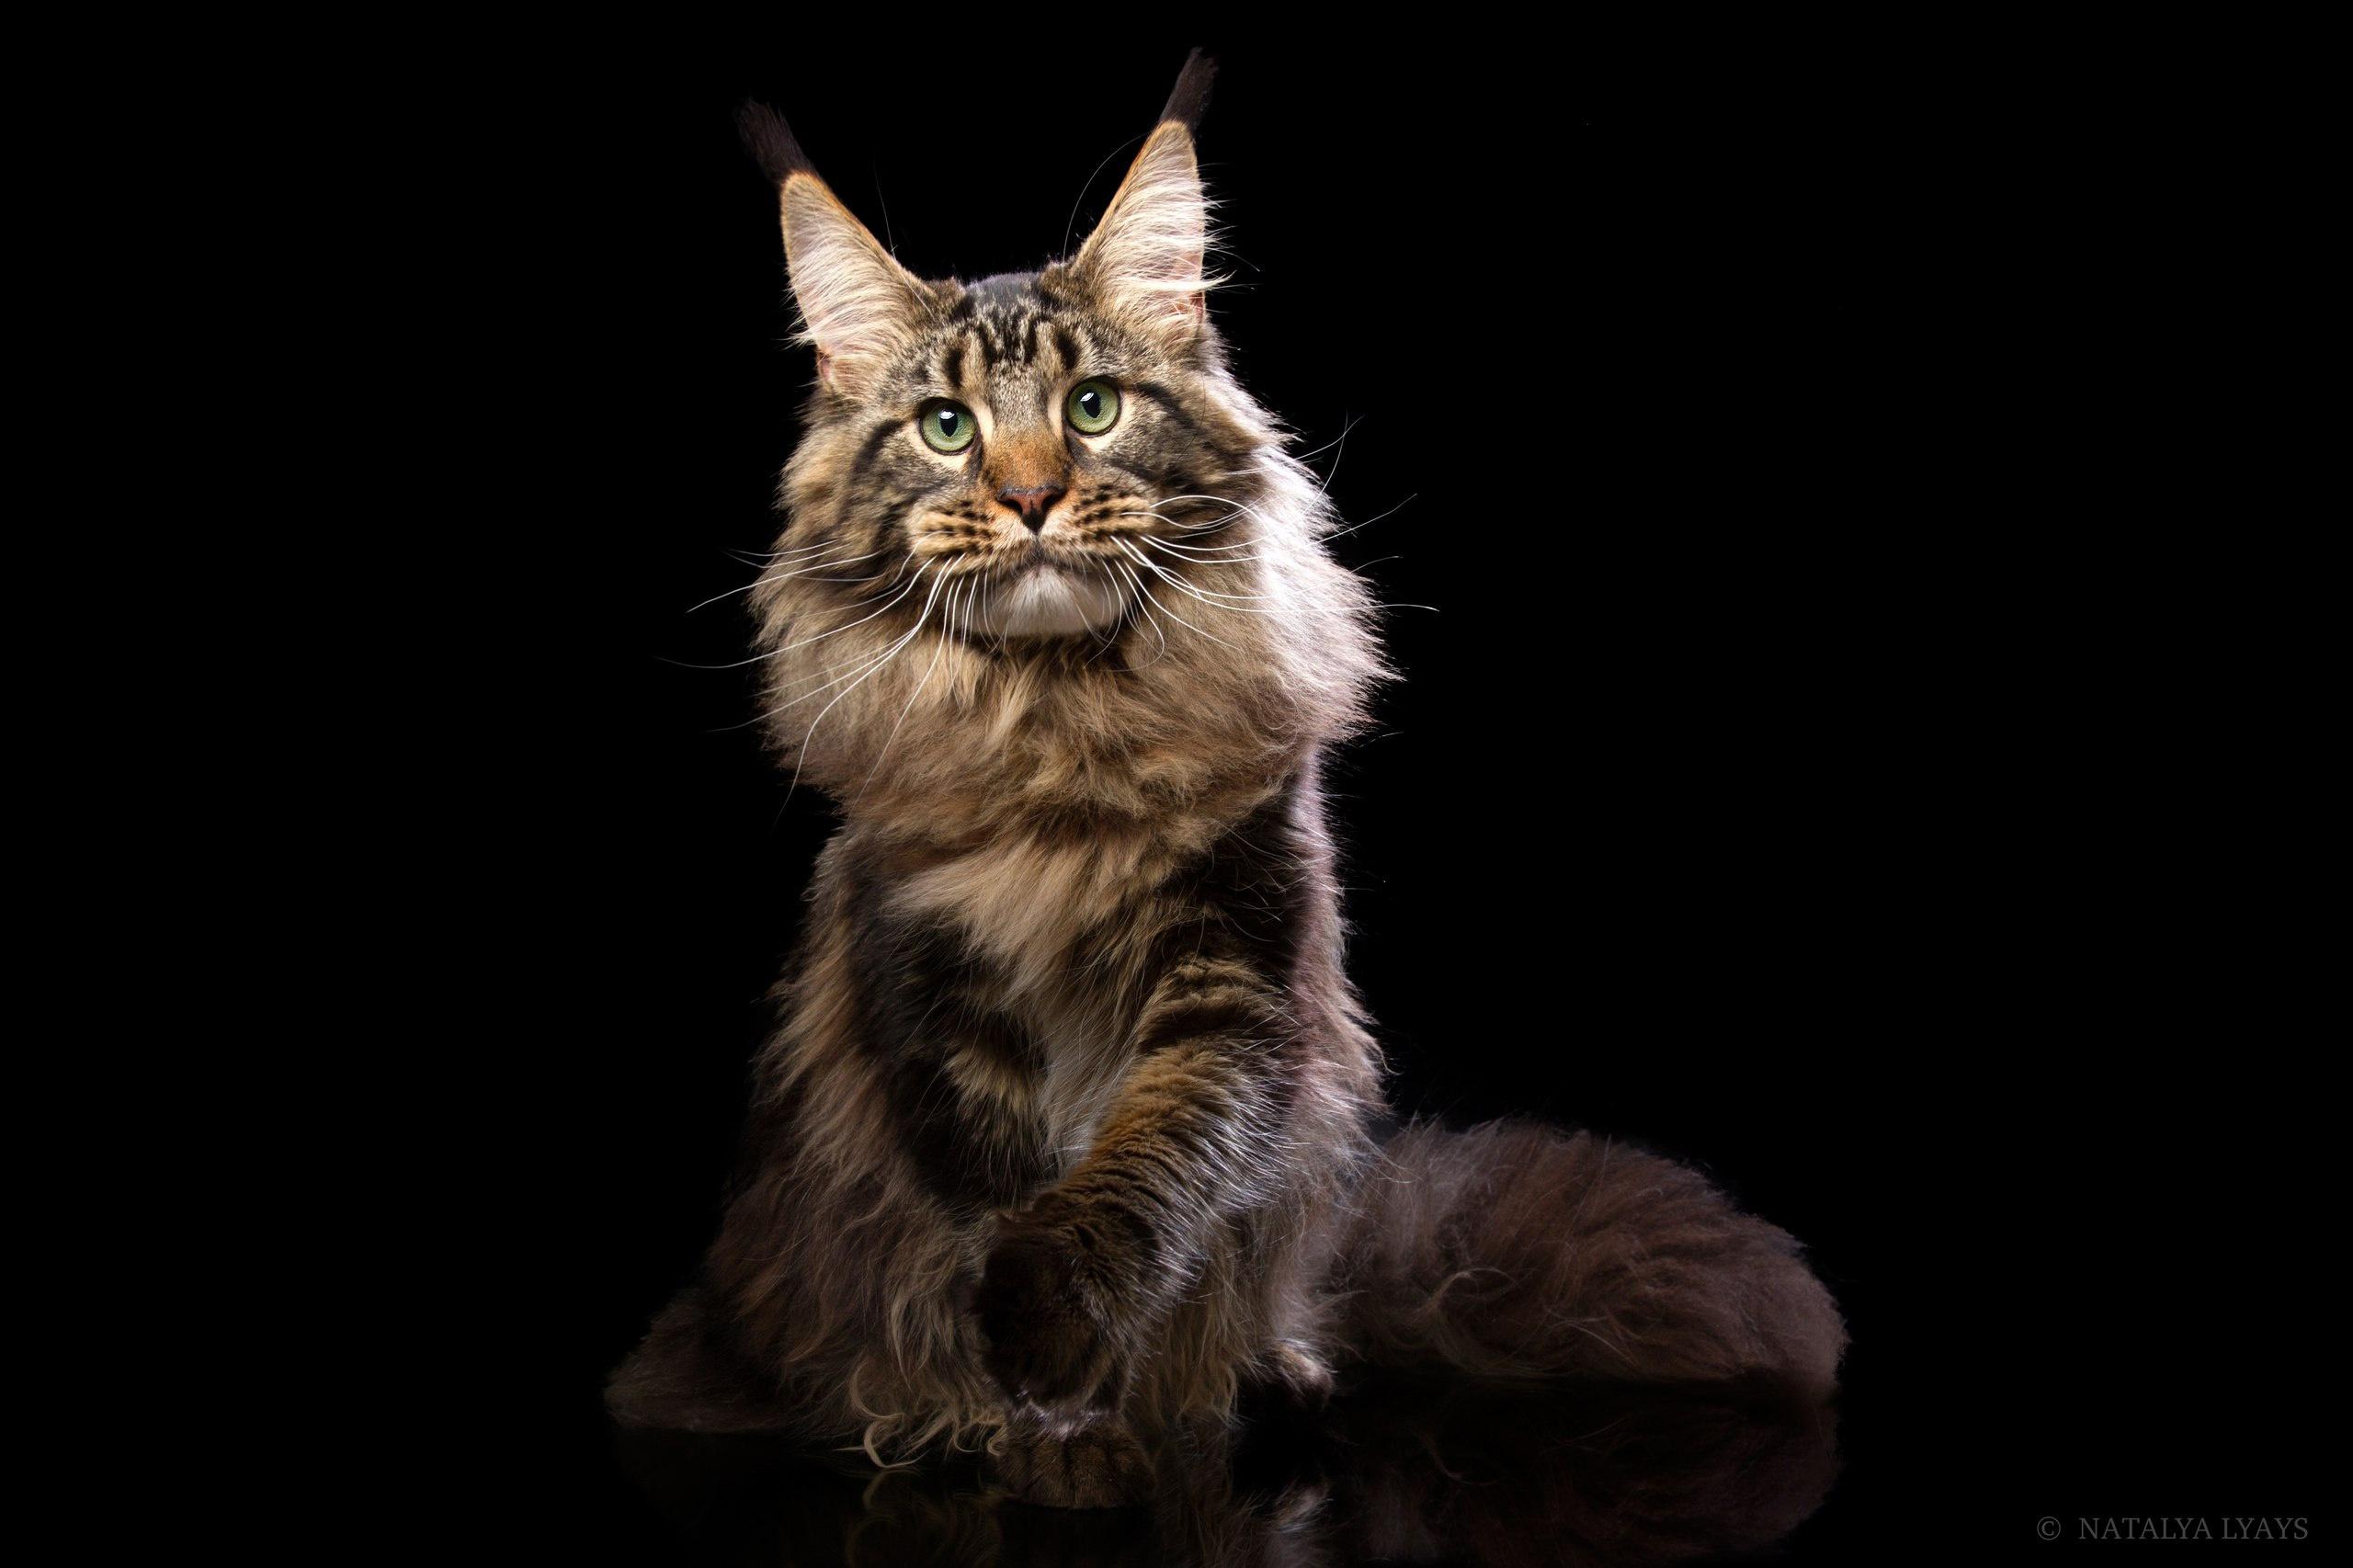 Bilder Maine Coon Katter Natalya Leis Dyr Blikk Svart Bakgrunn